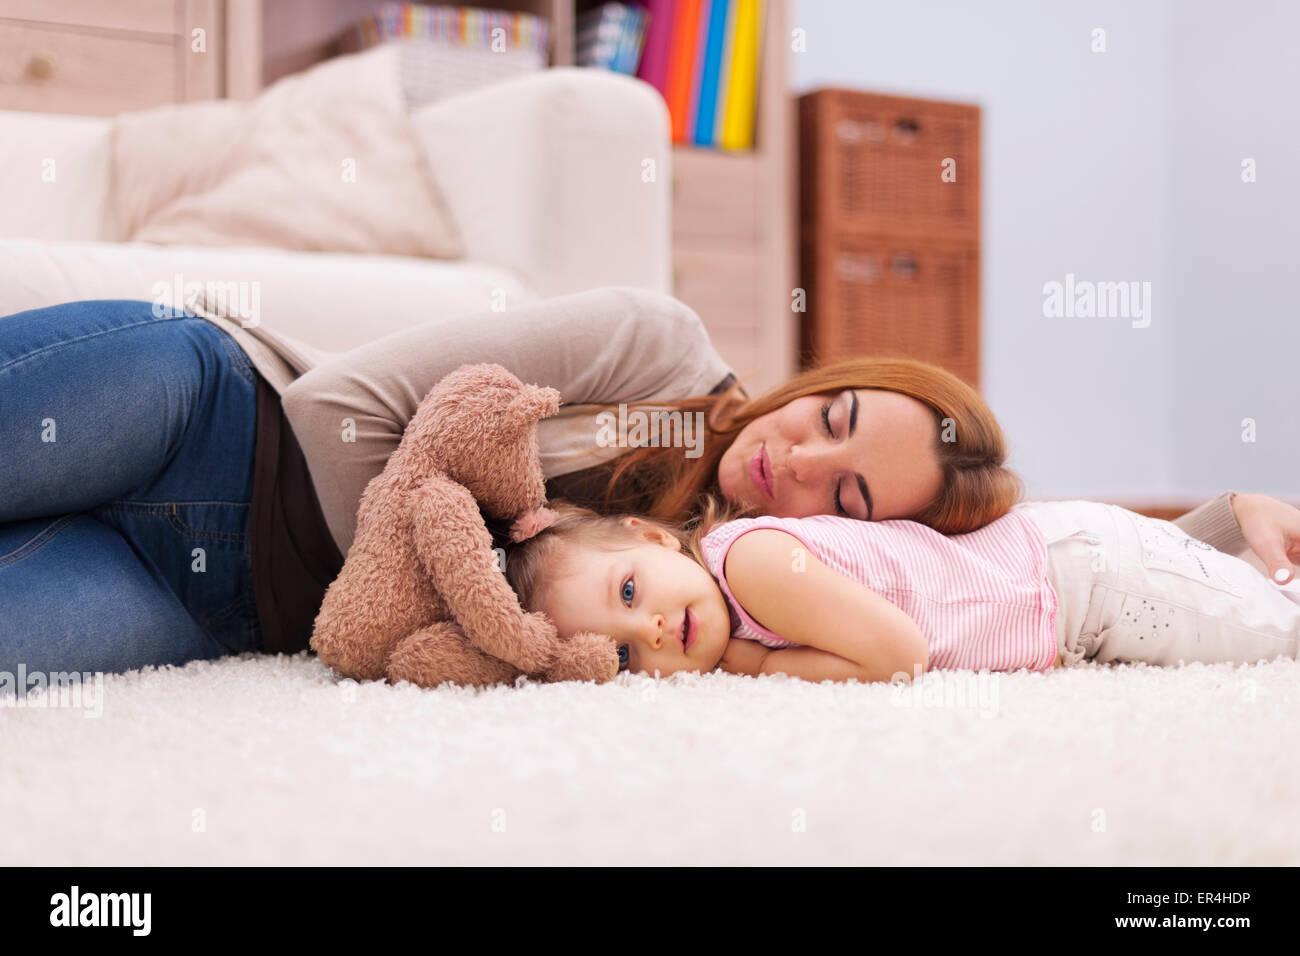 Tiempo de siesta durante el día. Debica, Polonia Imagen De Stock